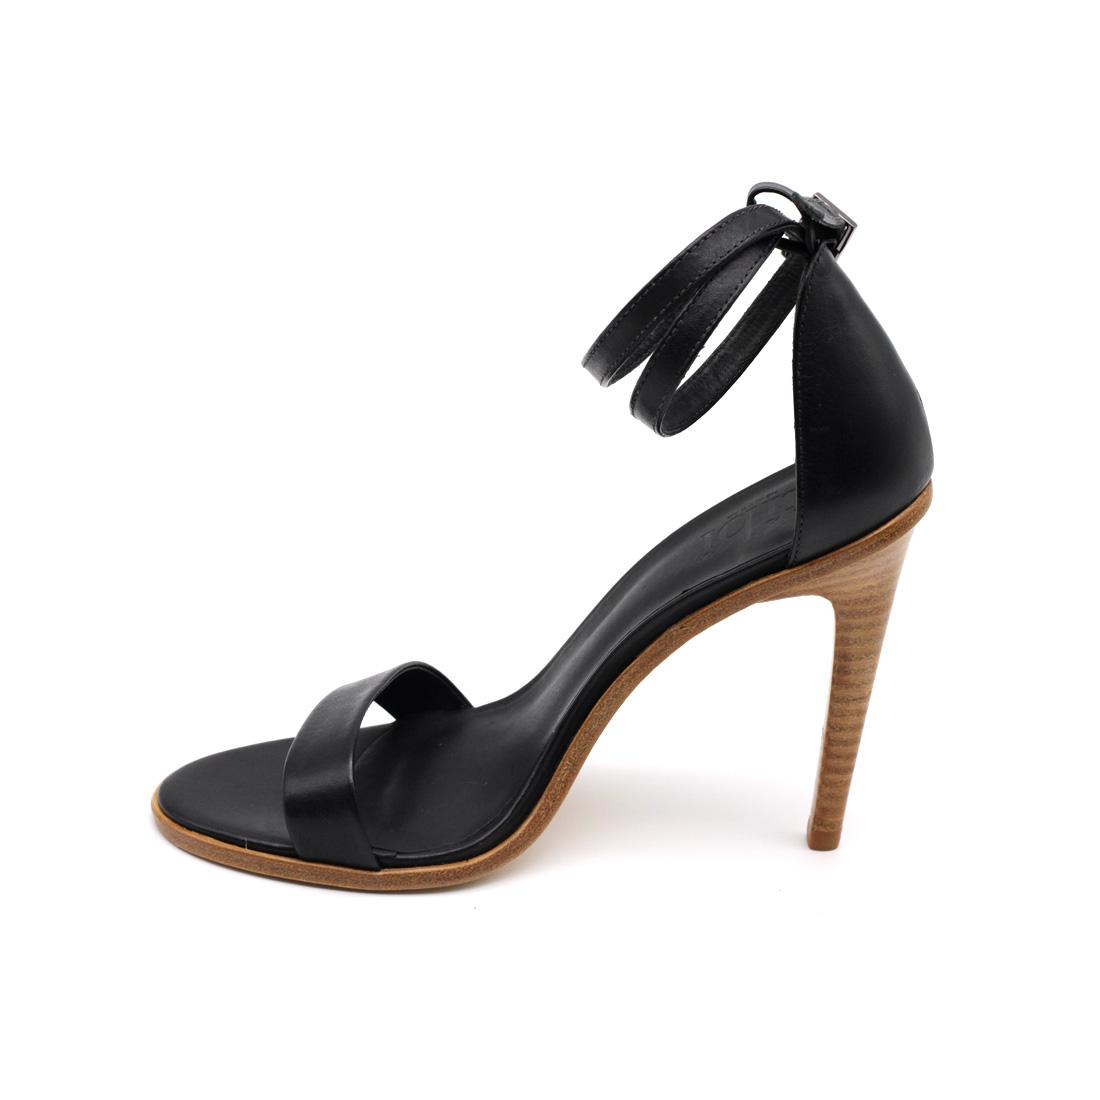 3e85d38e345 Tibi Amber Sandals